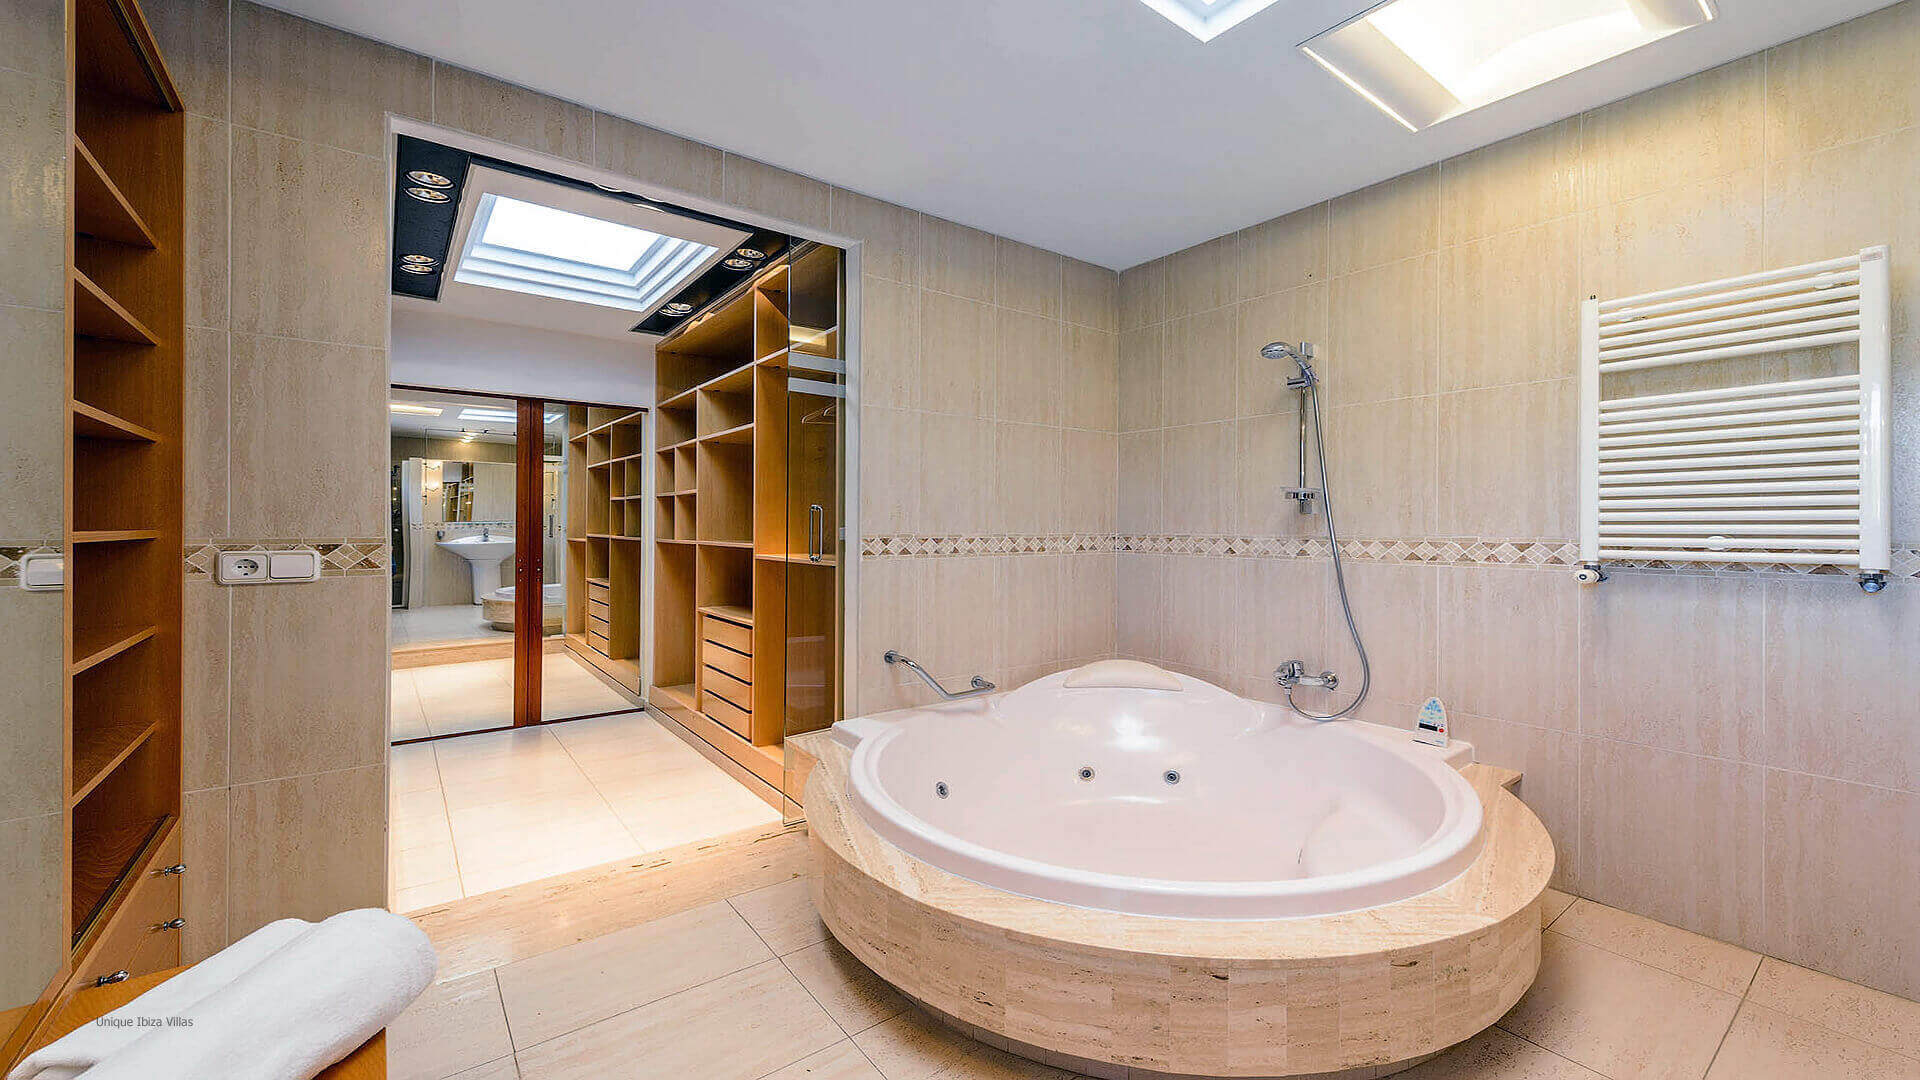 Villa Can Fluxa Ibiza 37 Bedrooom 1 En Suite